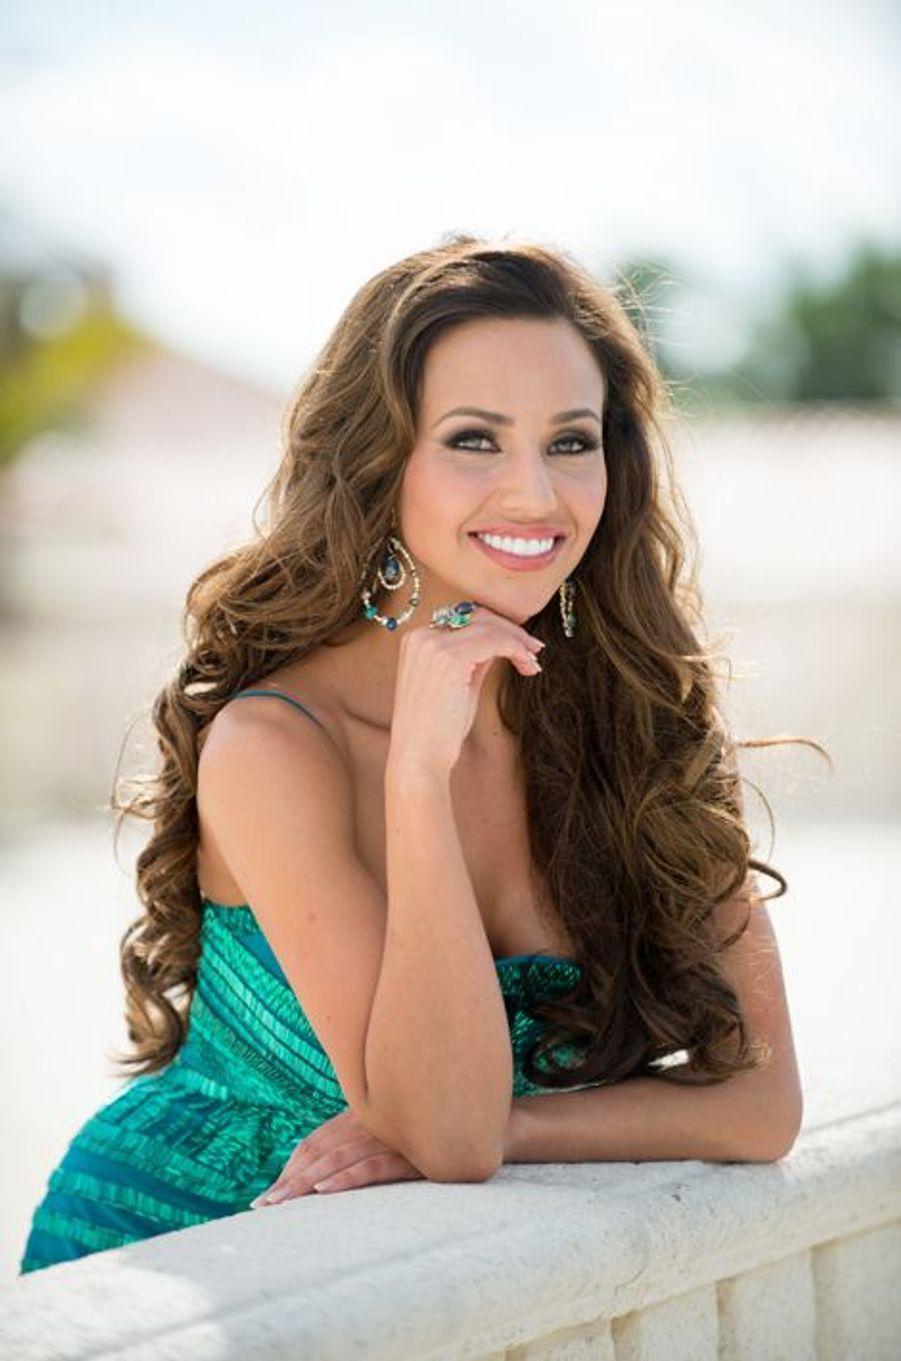 Miss Canada 2014 - Chanel Beckenlehner